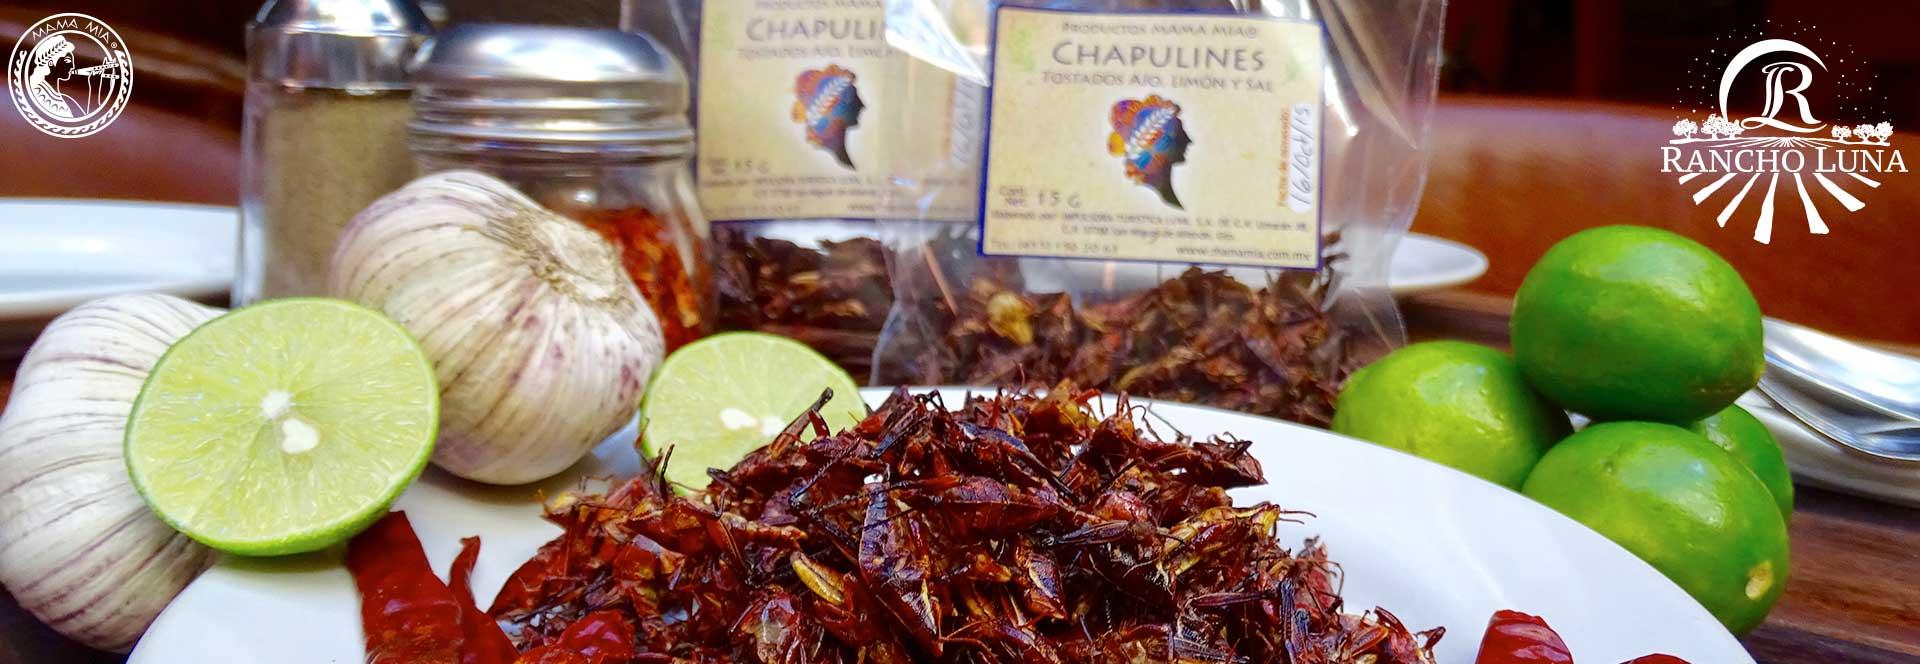 Chapulines MAMA MIA San Miguel de Allende